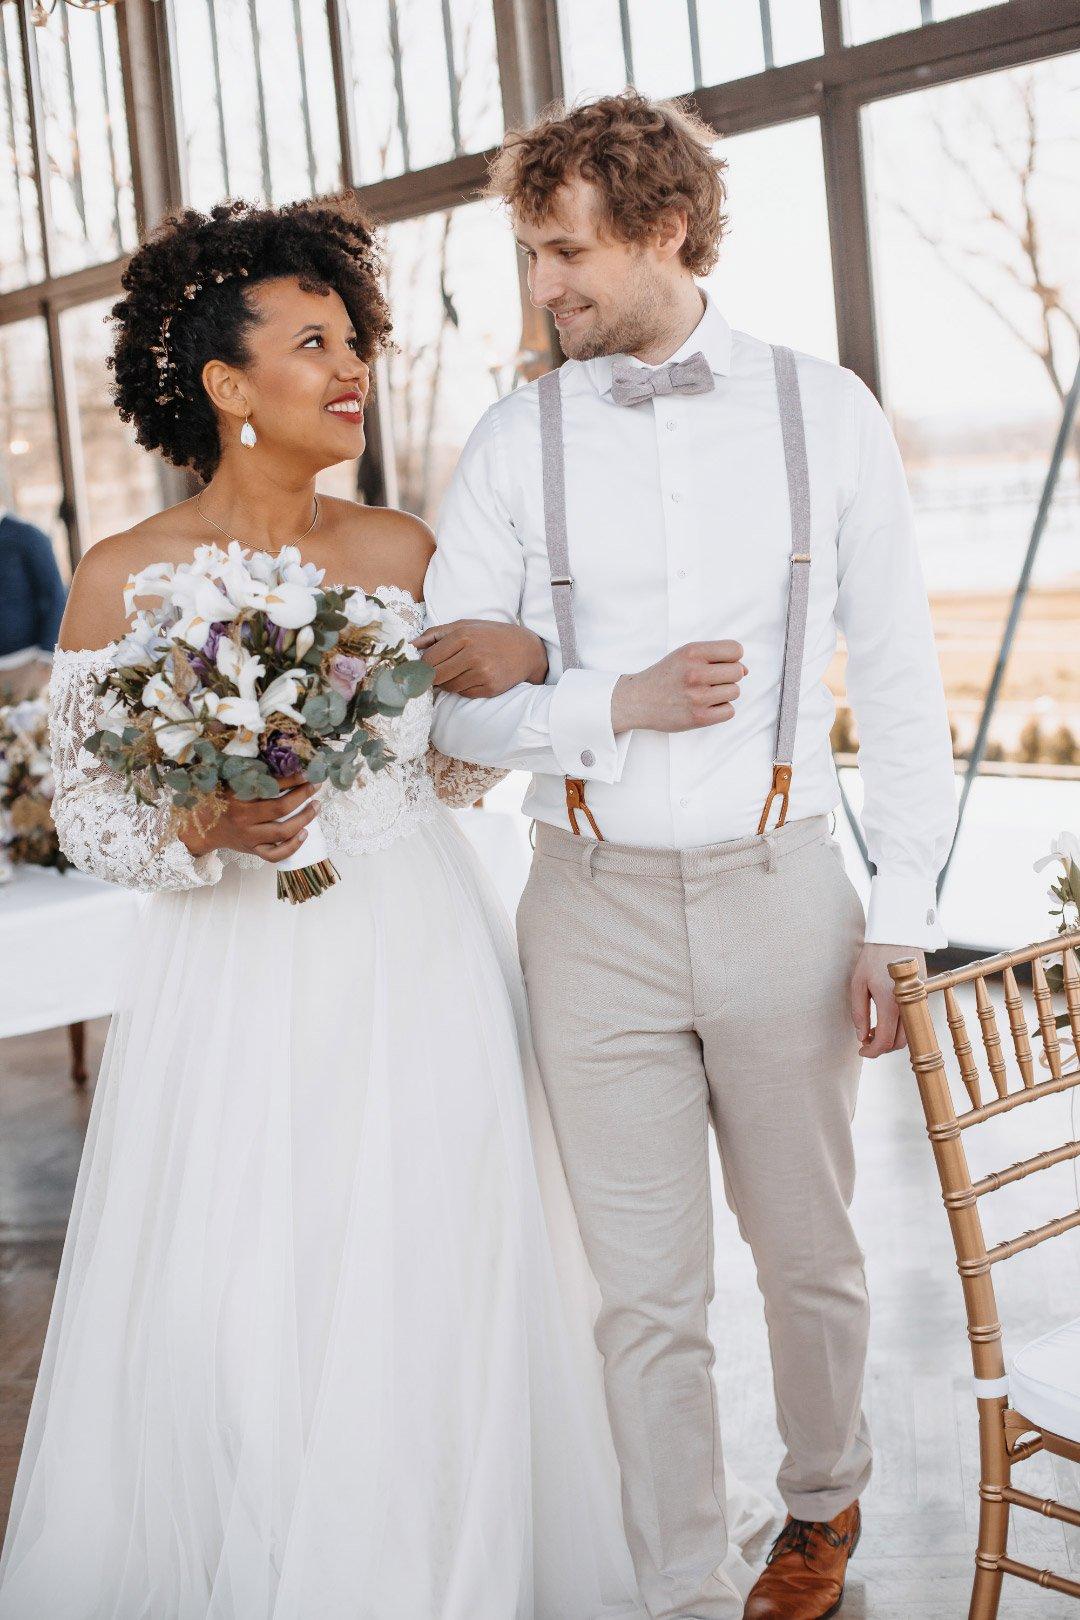 Brautpaar Arm in Arm mit Brautstrauß